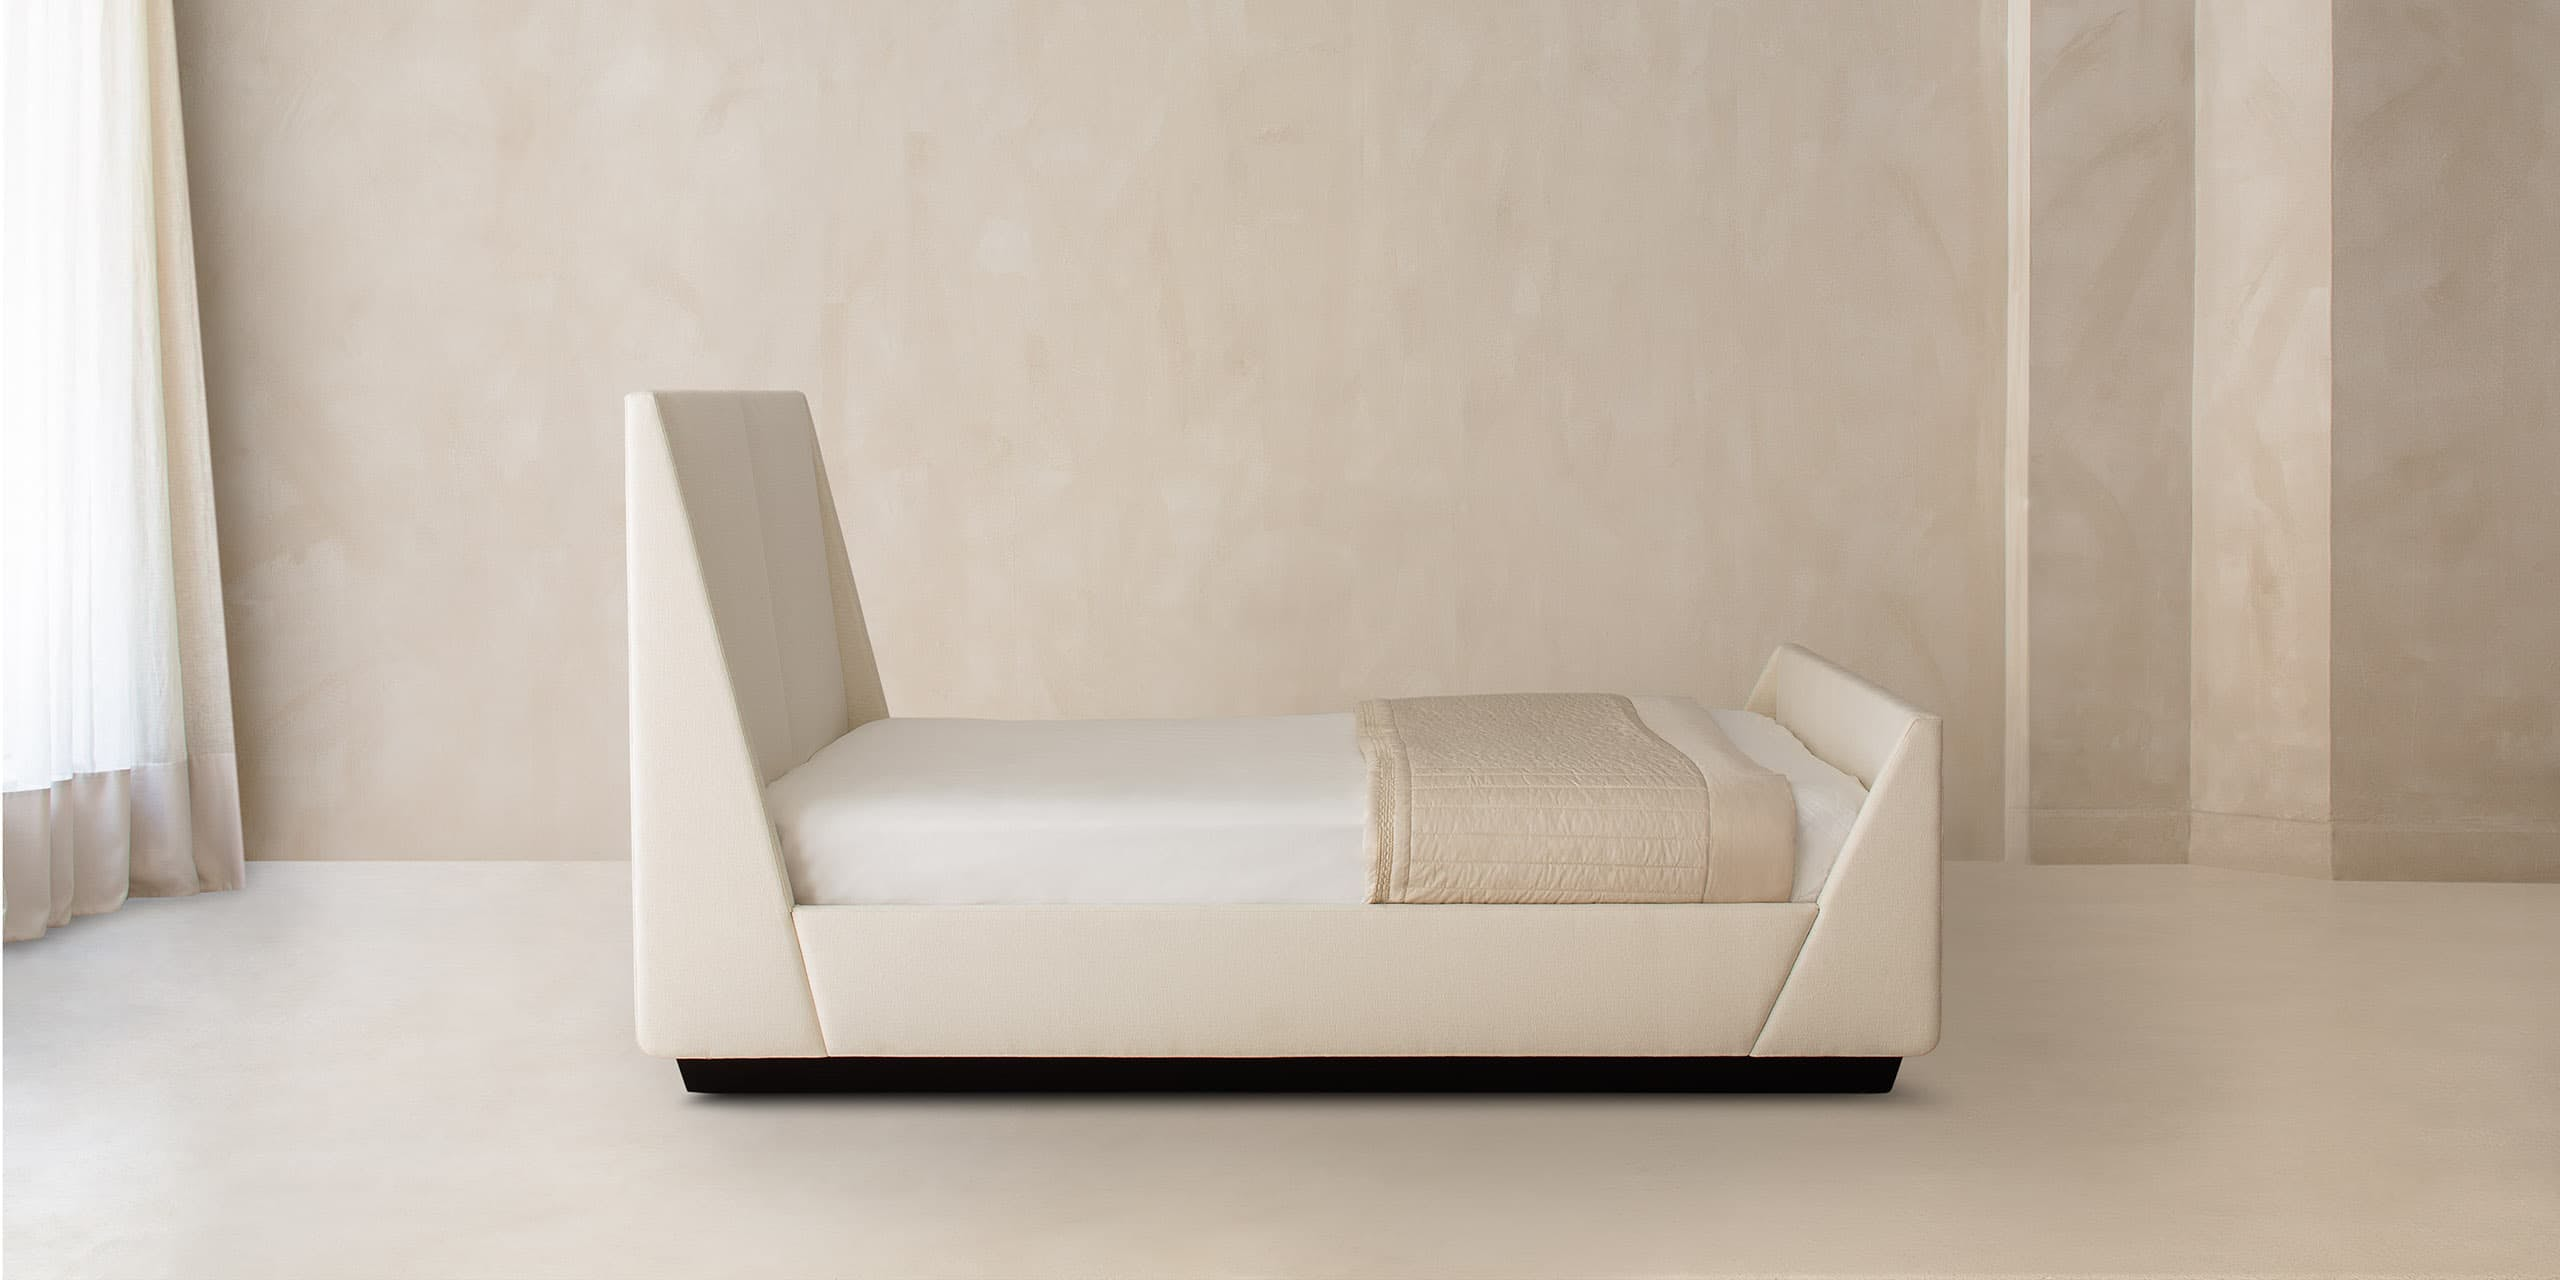 Seefeld bed main.jpg?ixlib=rails 2.1